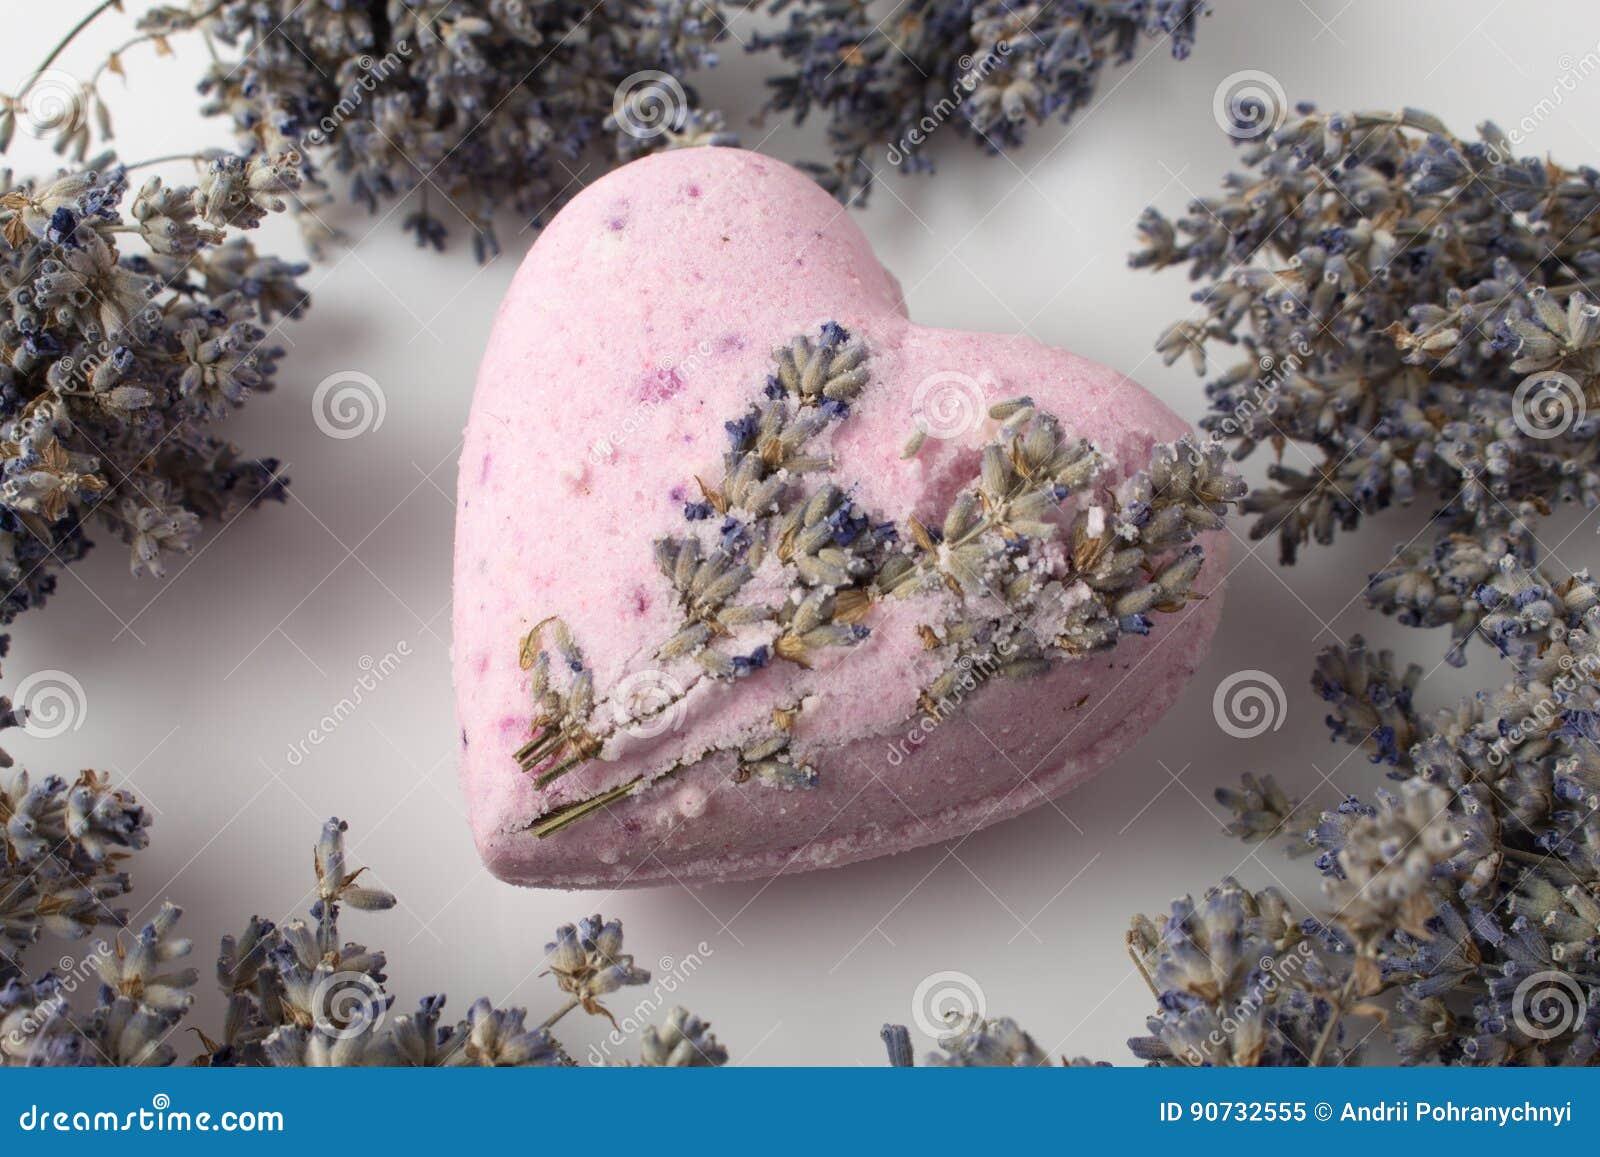 Lavendel-Badebomben auf einem weißen Hintergrund